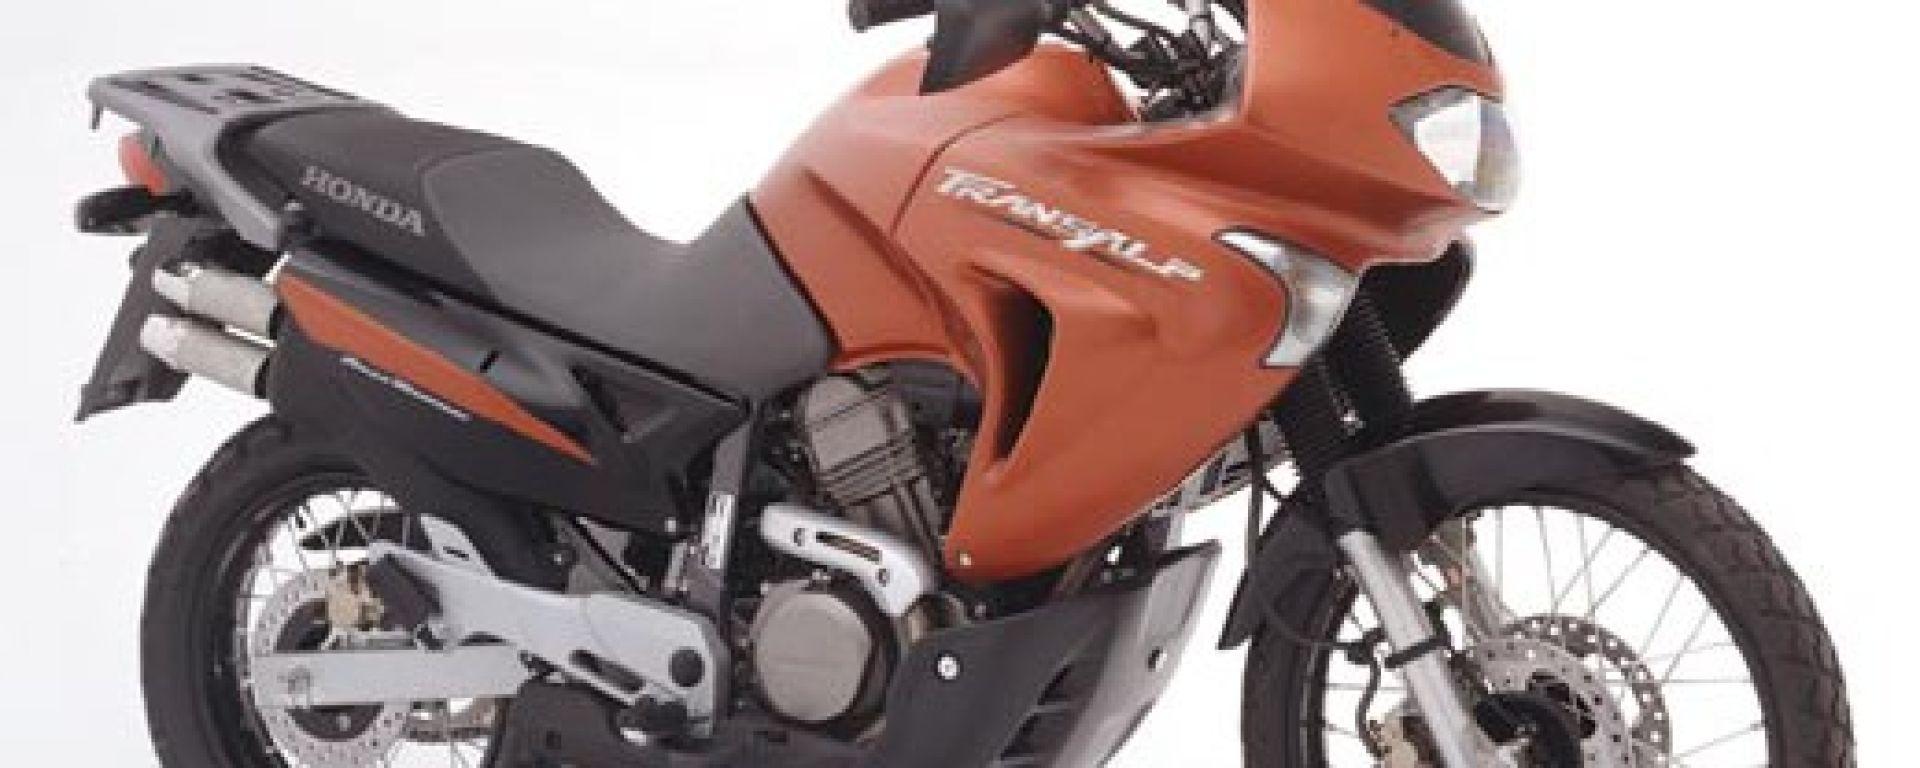 Honda Trova Il Concessionario Motorbox